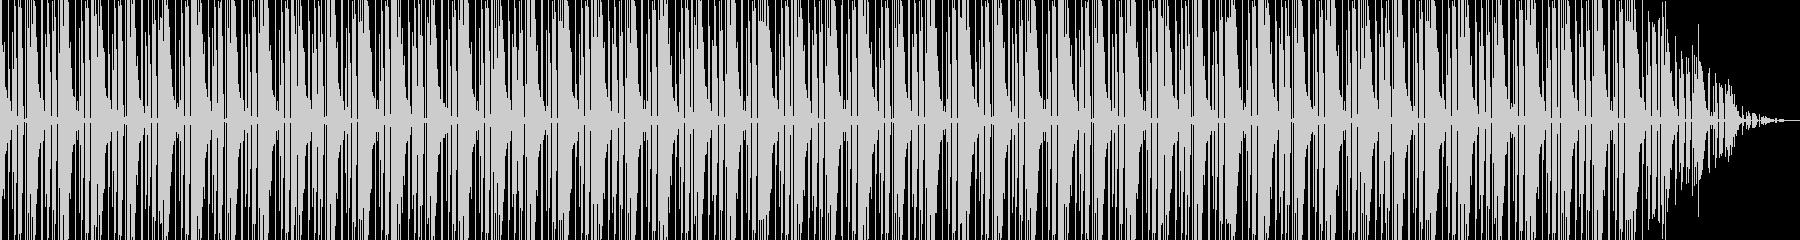 オケヒットの入ったヒップビートの未再生の波形